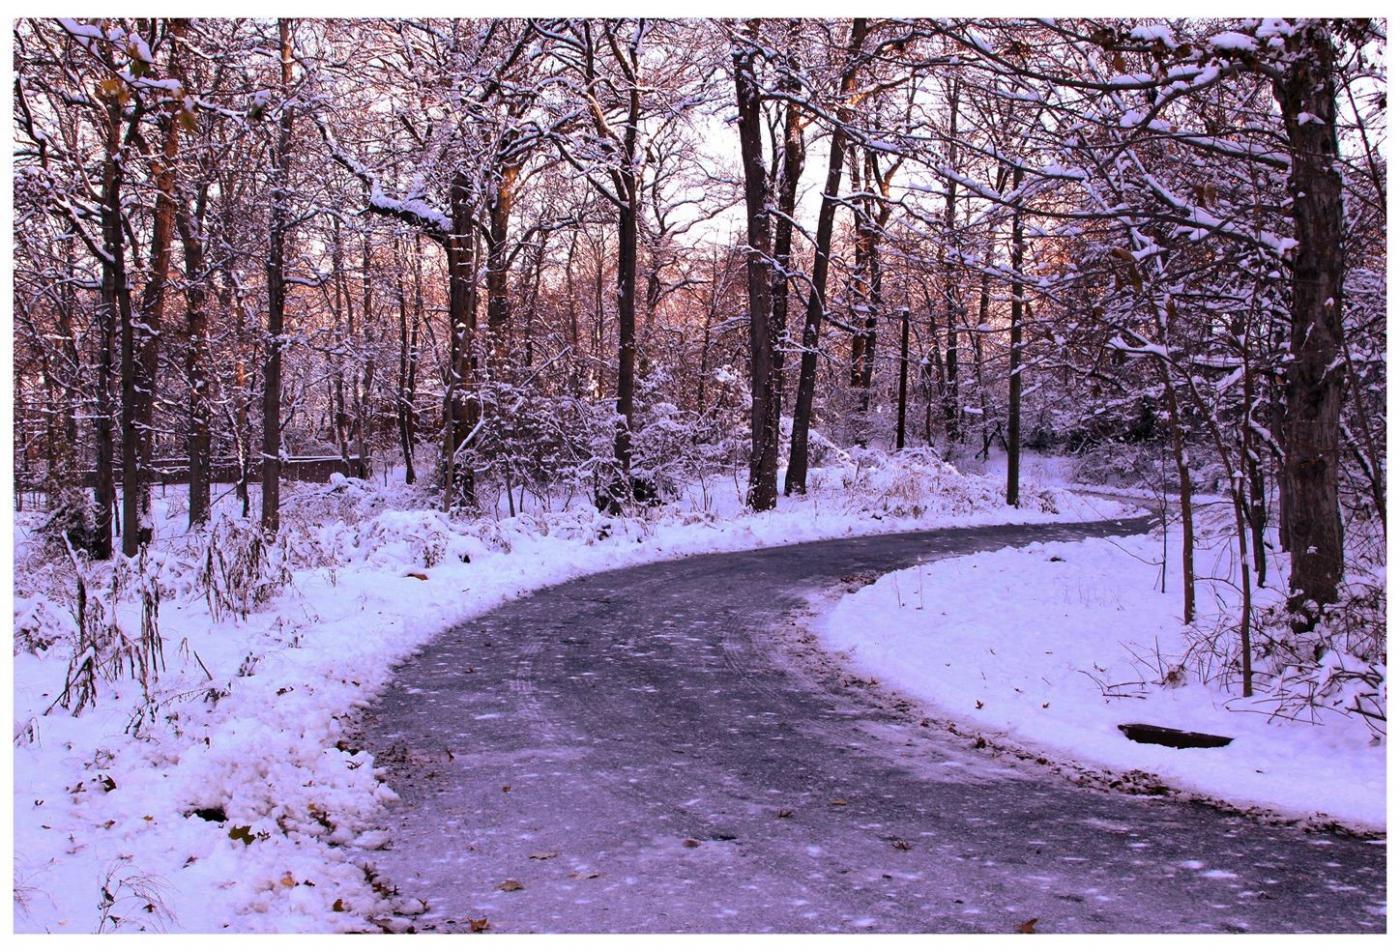 纽约地区入冬首雪景色迷人_图1-27